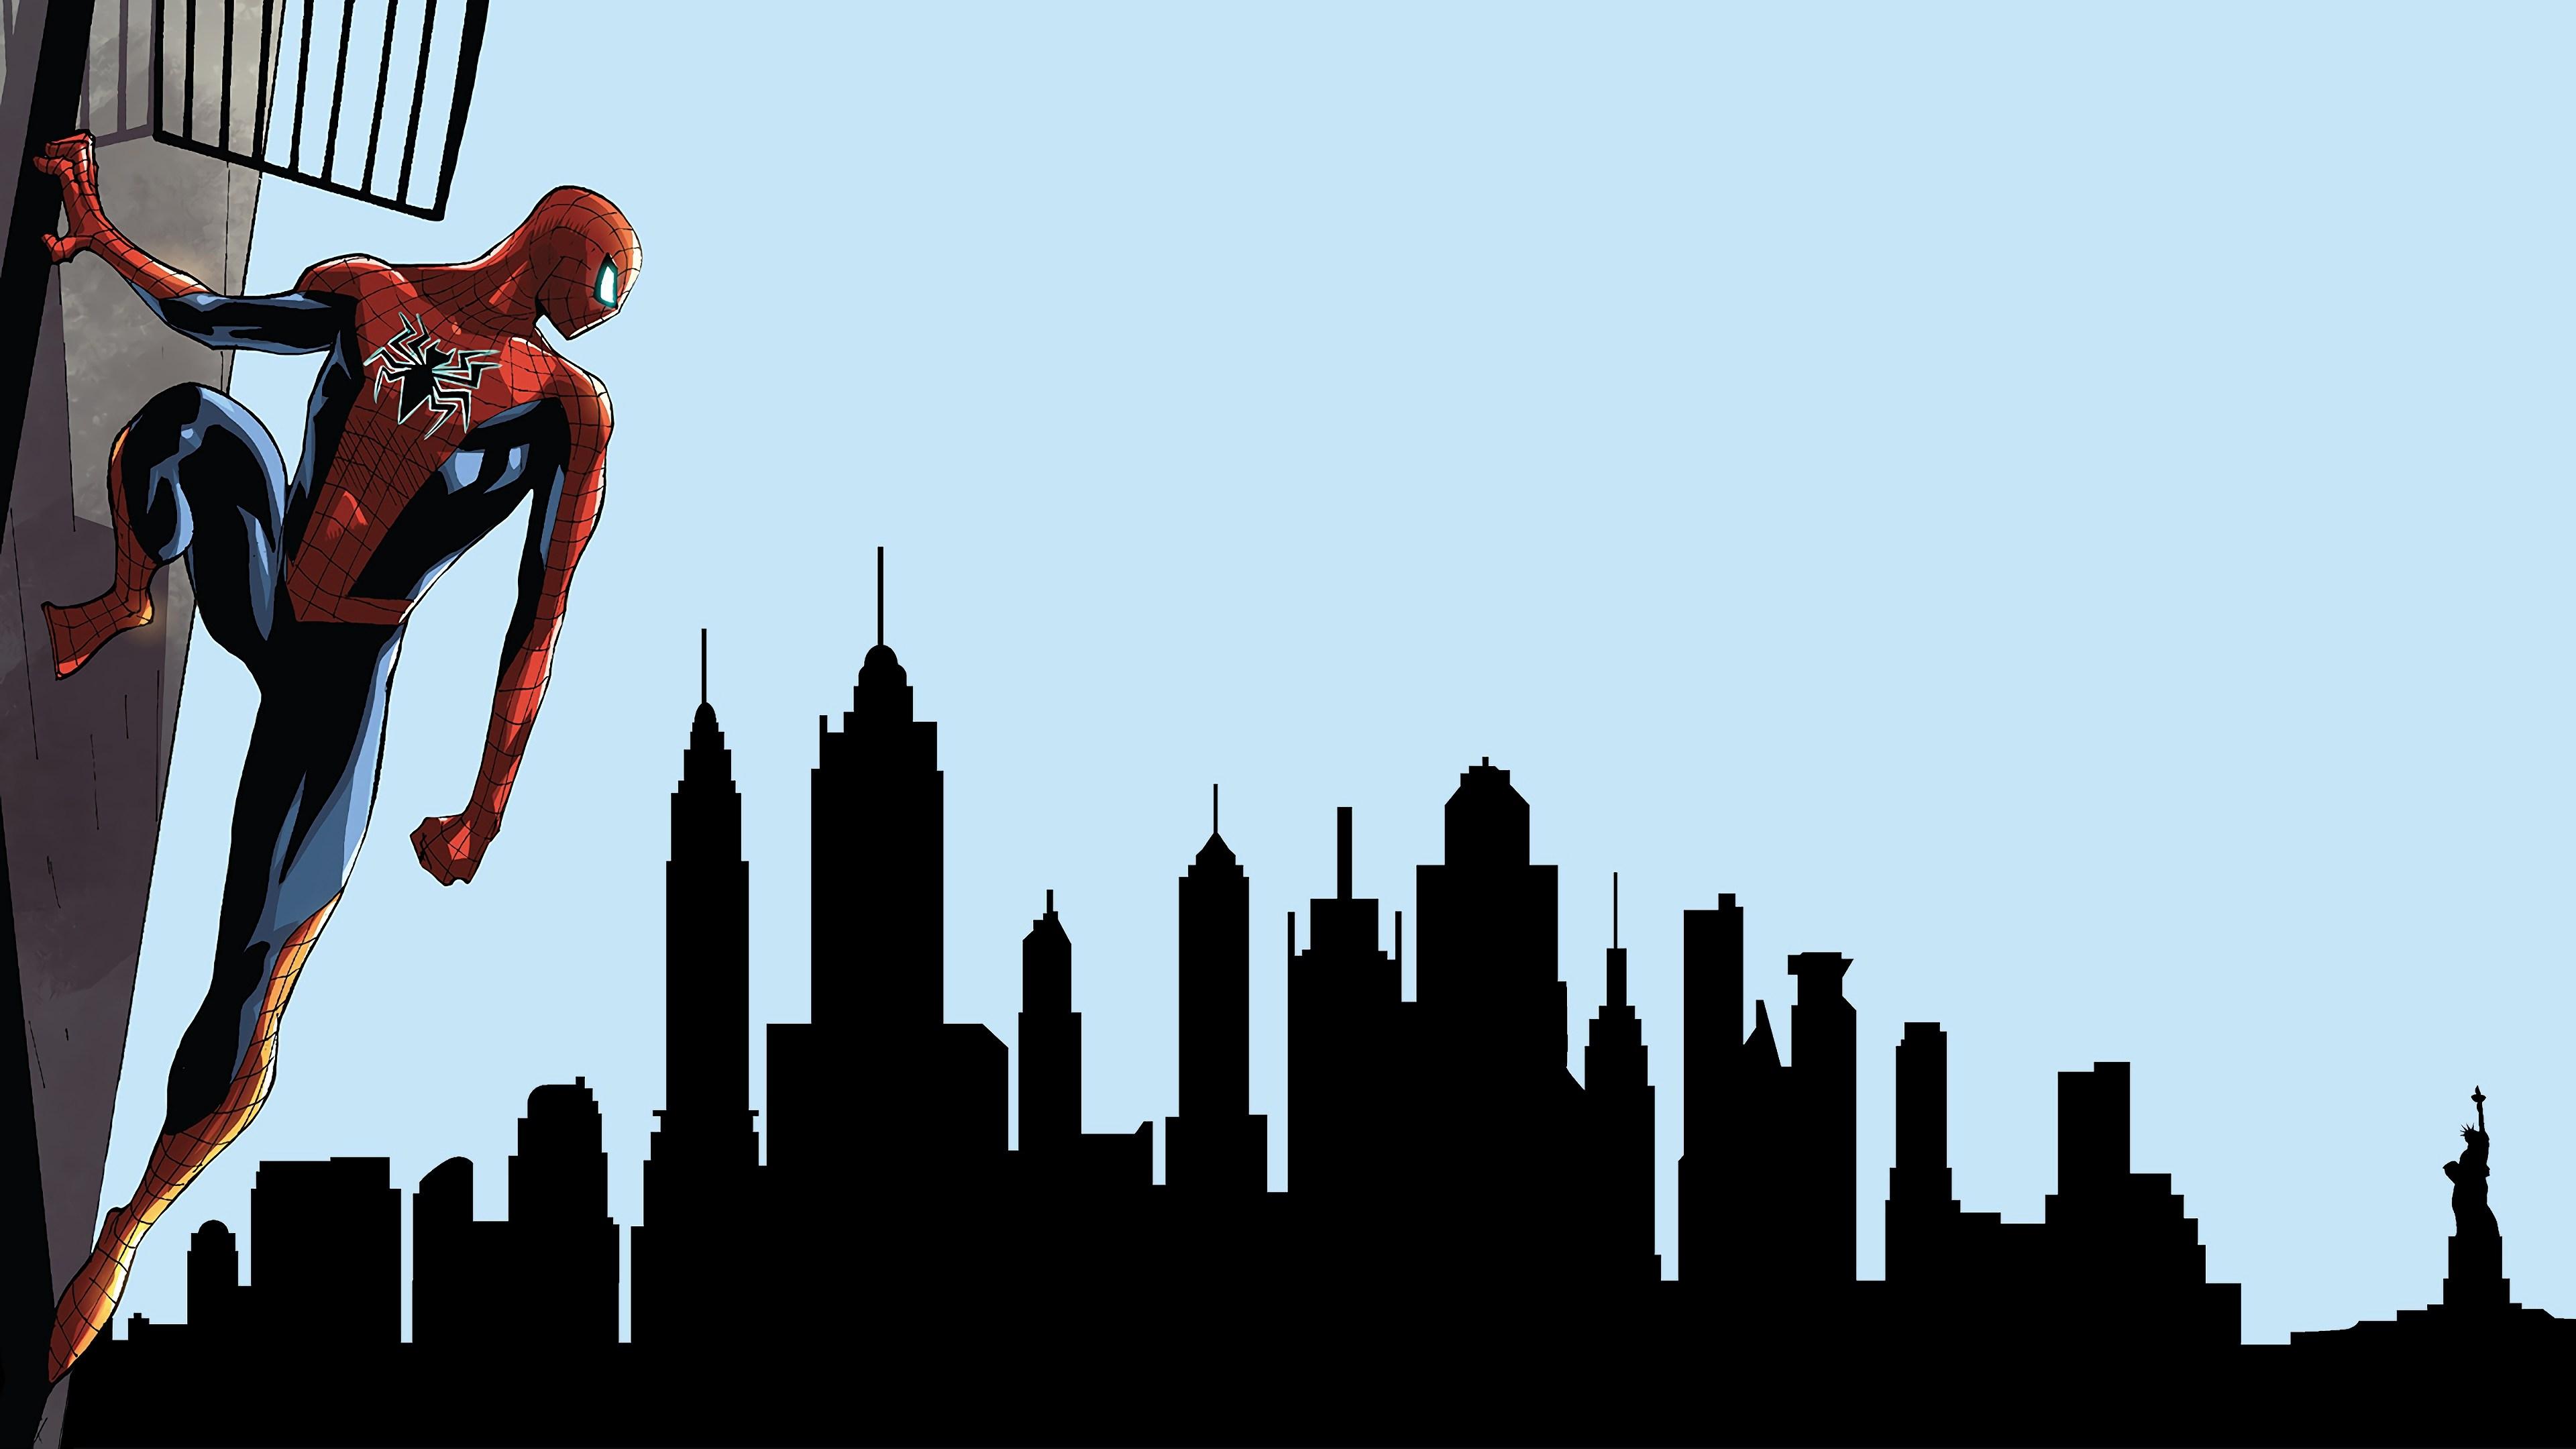 spiderman looking at city 4k 1554245007 - Spiderman Looking At City 4k - superheroes wallpapers, spiderman wallpapers, hd-wallpapers, 4k-wallpapers